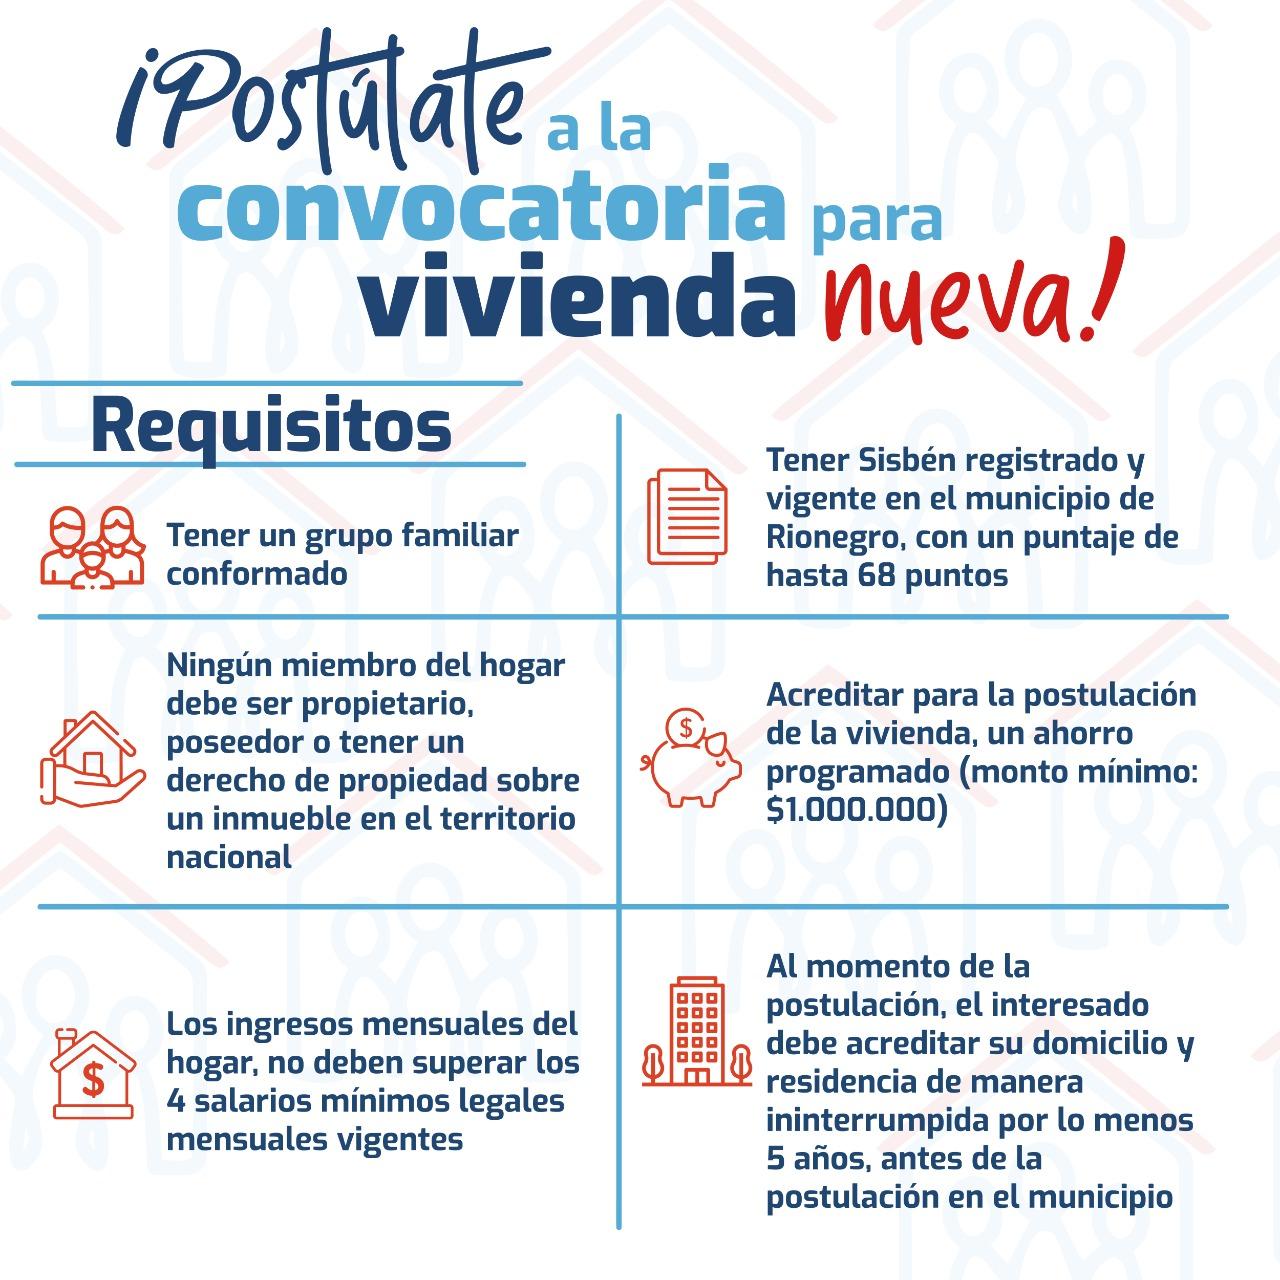 vivienda nueva1 ElMetro.com.co